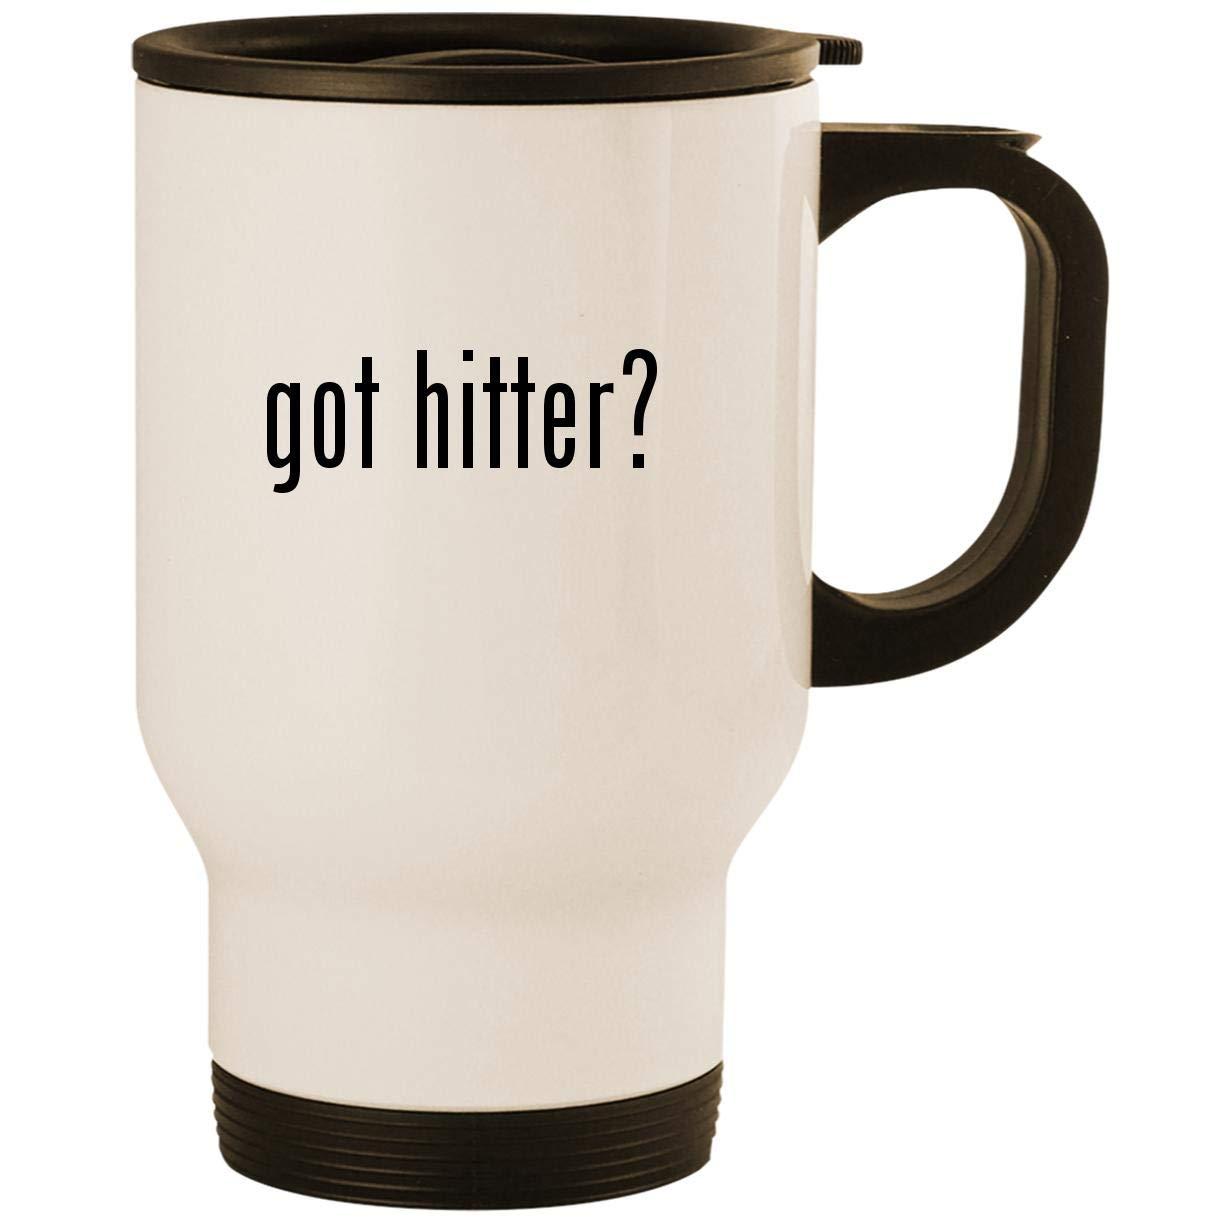 got hitter? - Stainless Steel 14oz Road Ready Travel Mug, White